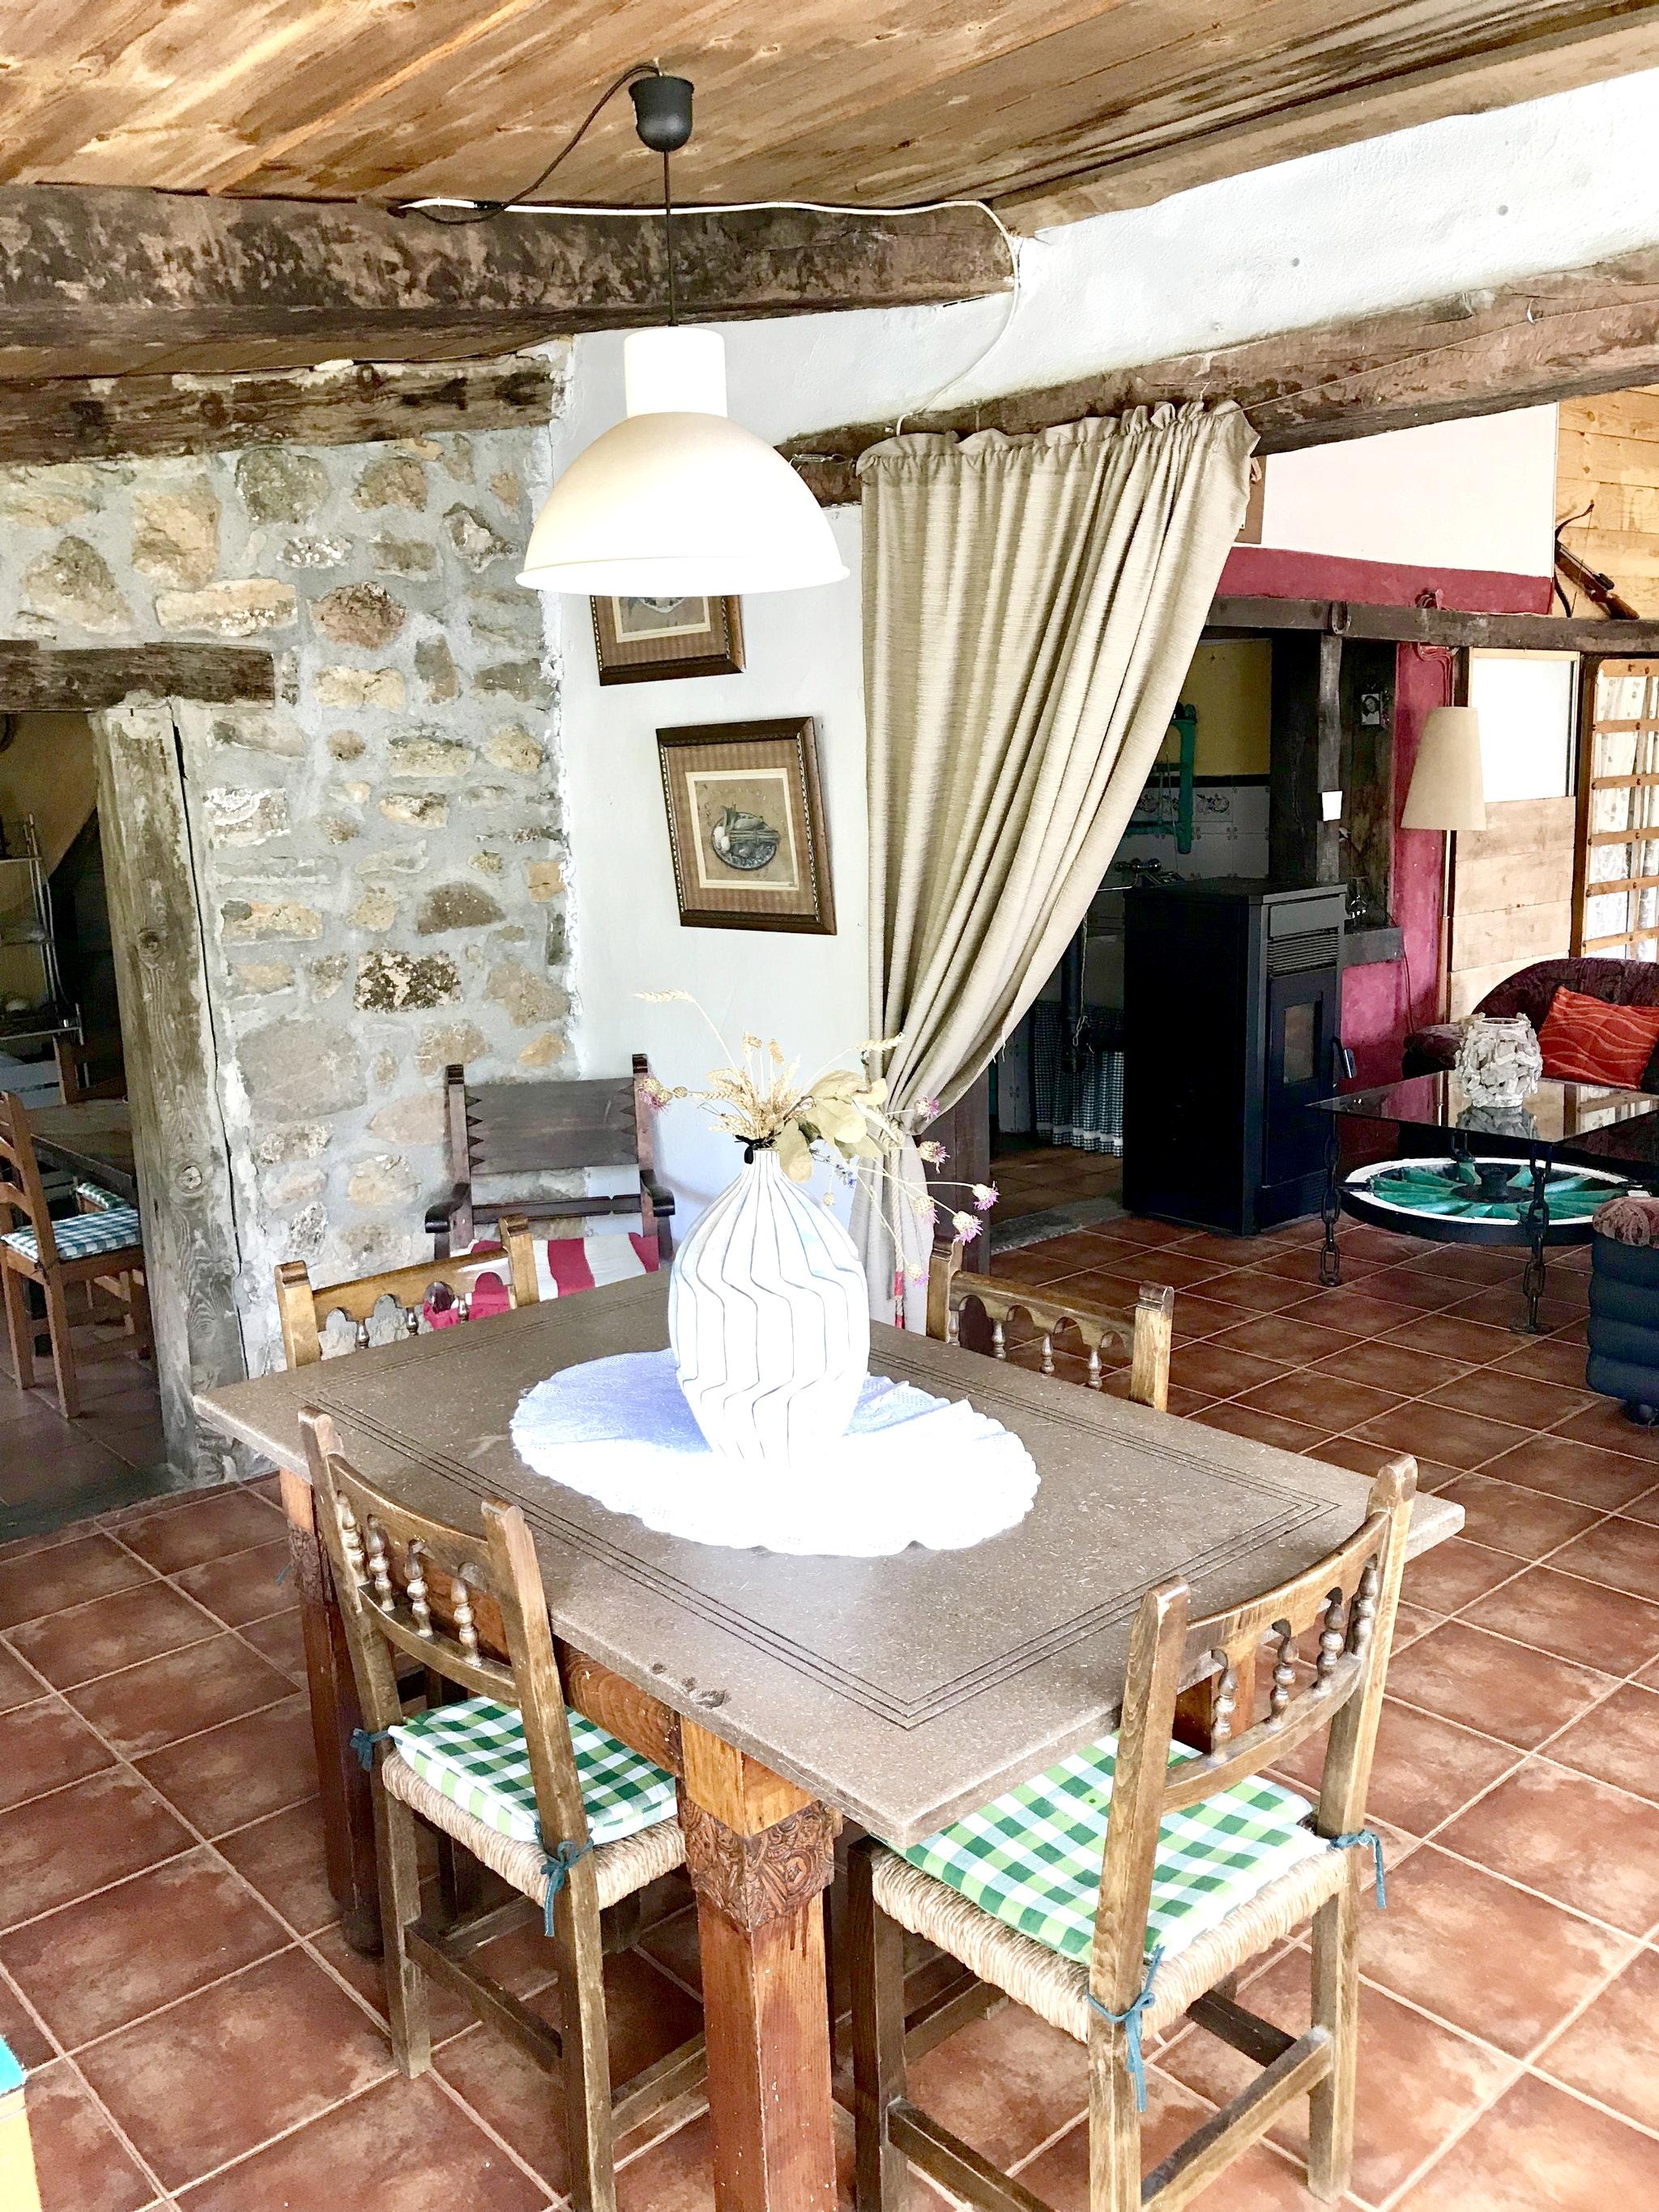 Maison de vacances Hütte mit 4 Schlafzimmern in Camarena de la Sierra mit toller Aussicht auf die Berge, priv (2474258), Camarena de la Sierra, Teruel, Aragon, Espagne, image 7